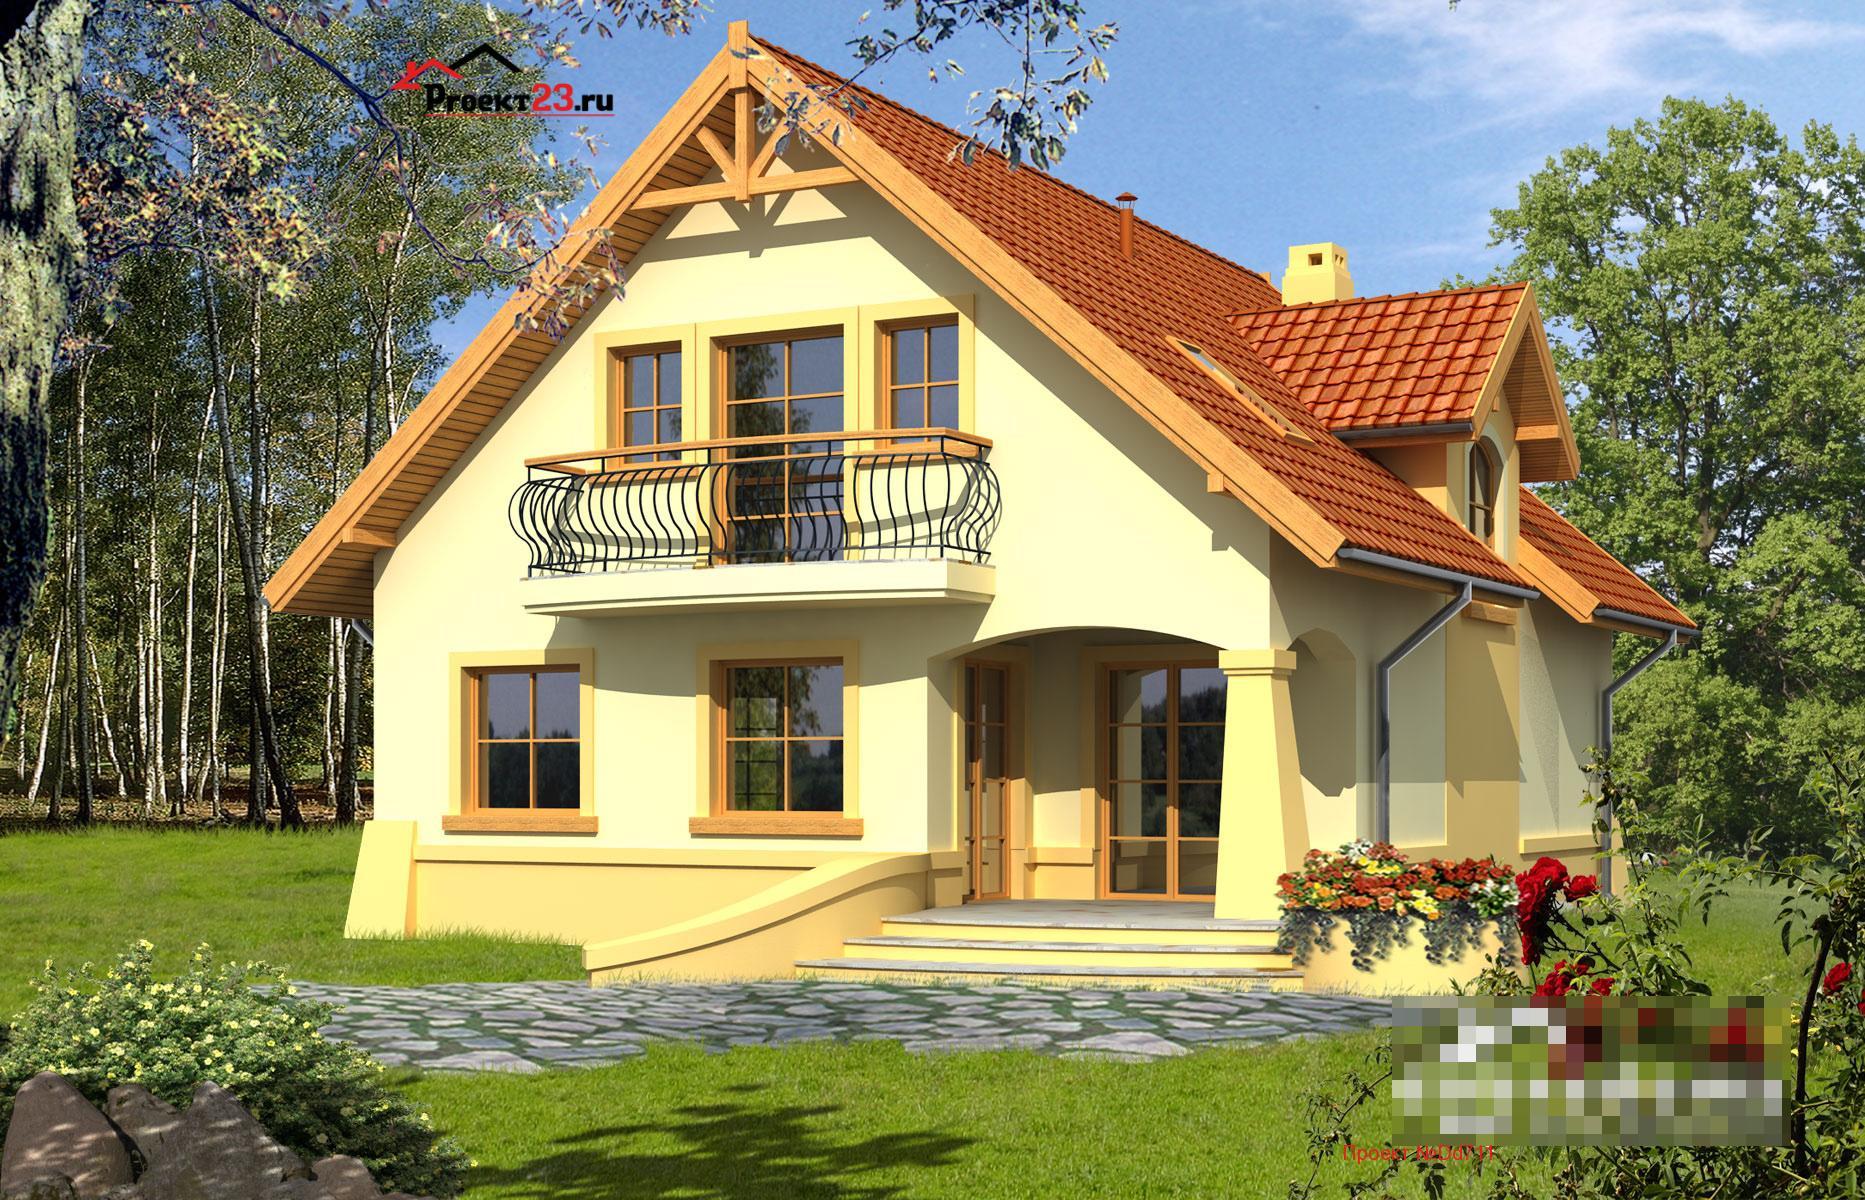 проекты небольших домов с балконом фото заказать памятник или